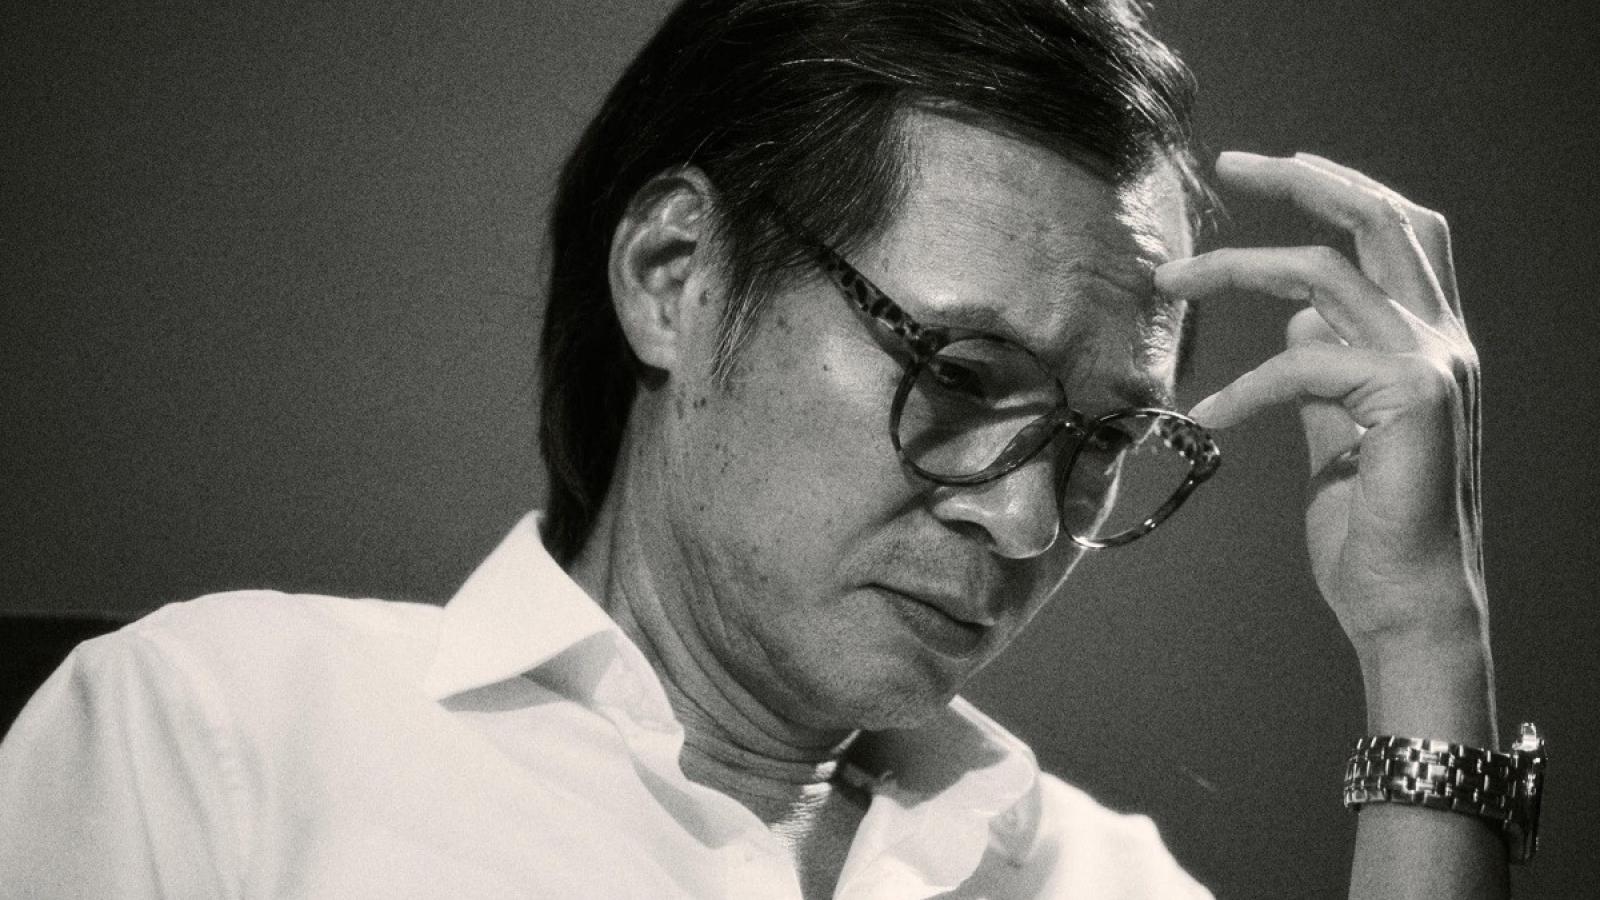 NSƯT Trần Lực giảm 10kg, nuôi tóc dài... để vào vai Trịnh Công Sơn